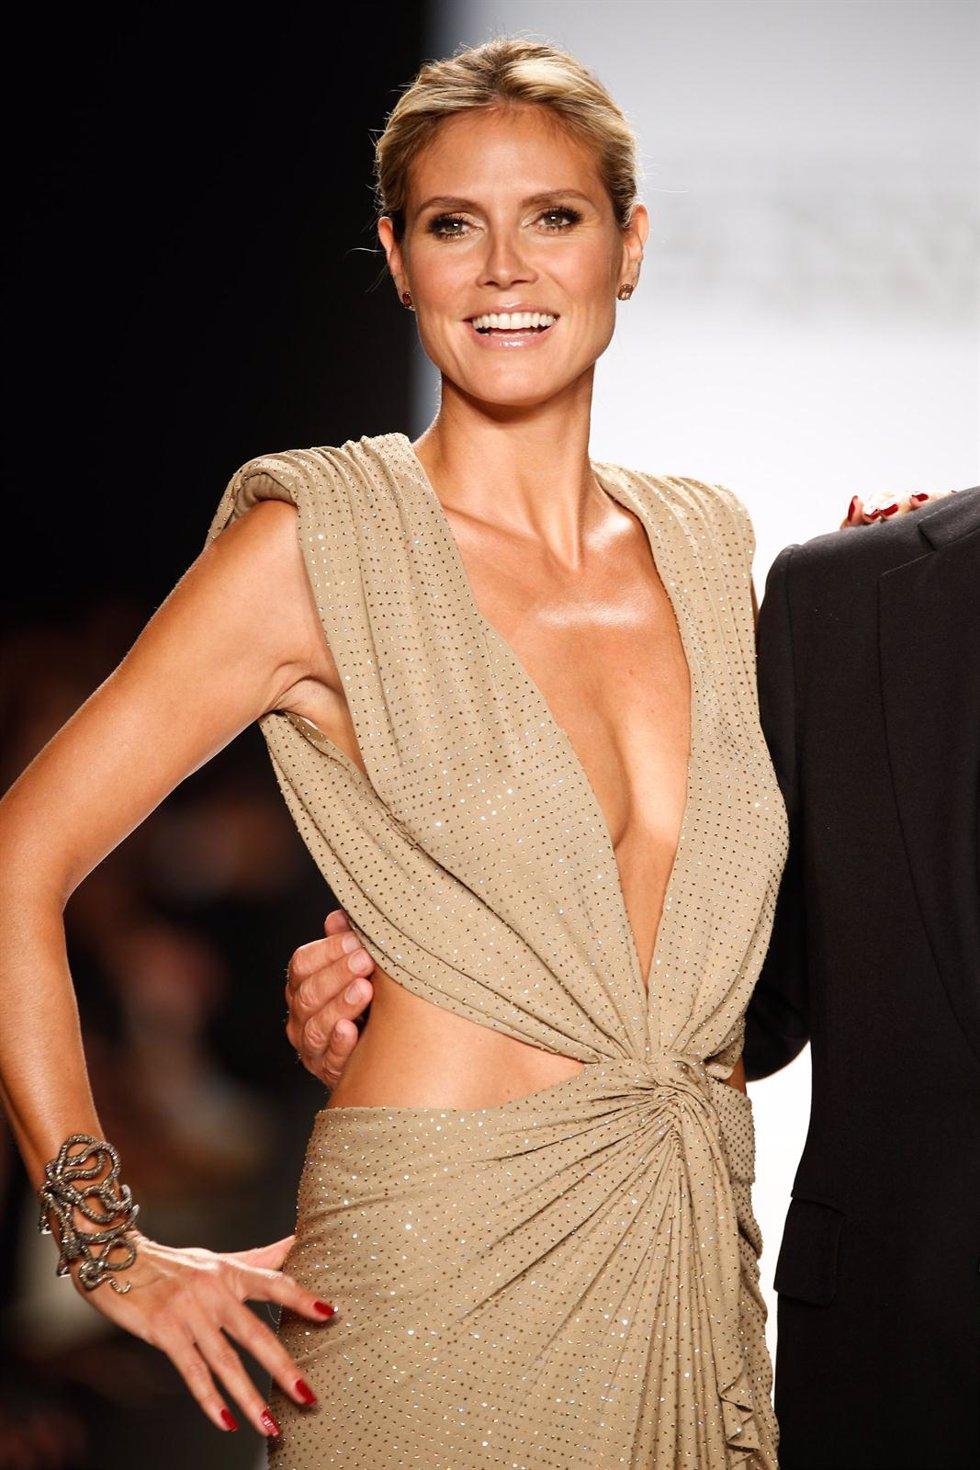 Posado de Heidi Klum en la Semana de la Moda de Nueva York